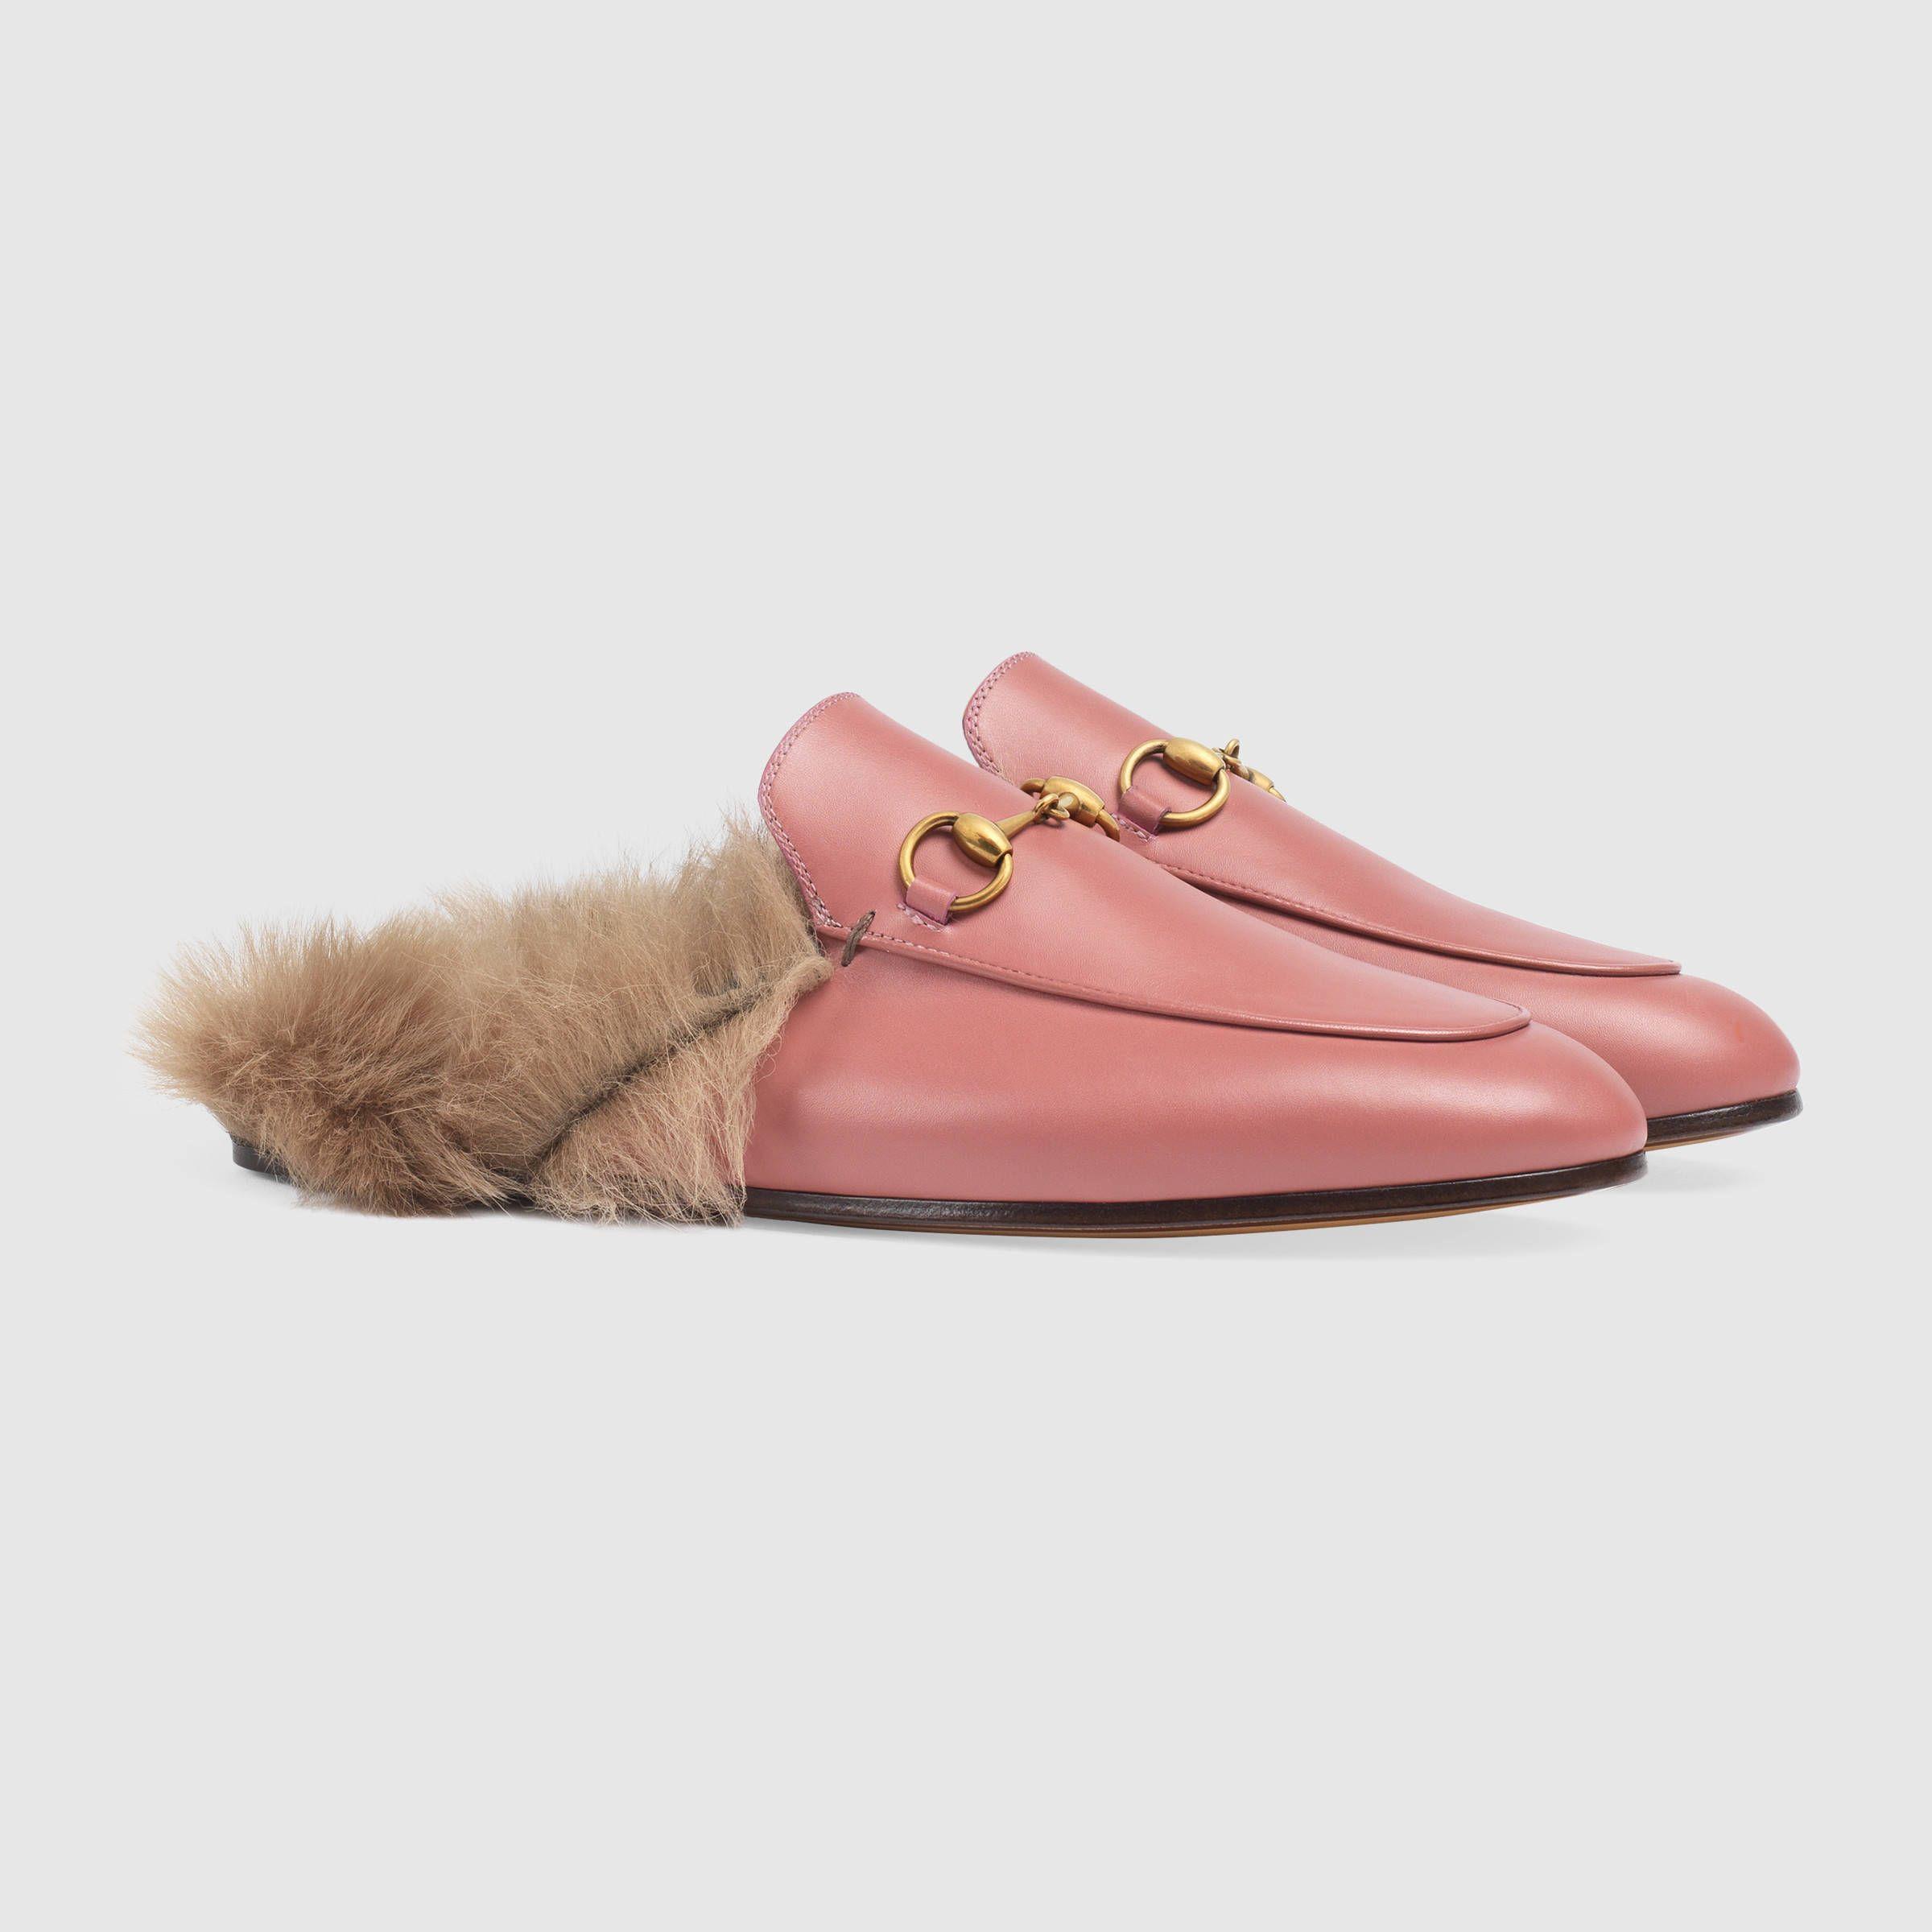 Gucci Chausson En Cuir Princetown - Rose Et Violet 7BX1qnT